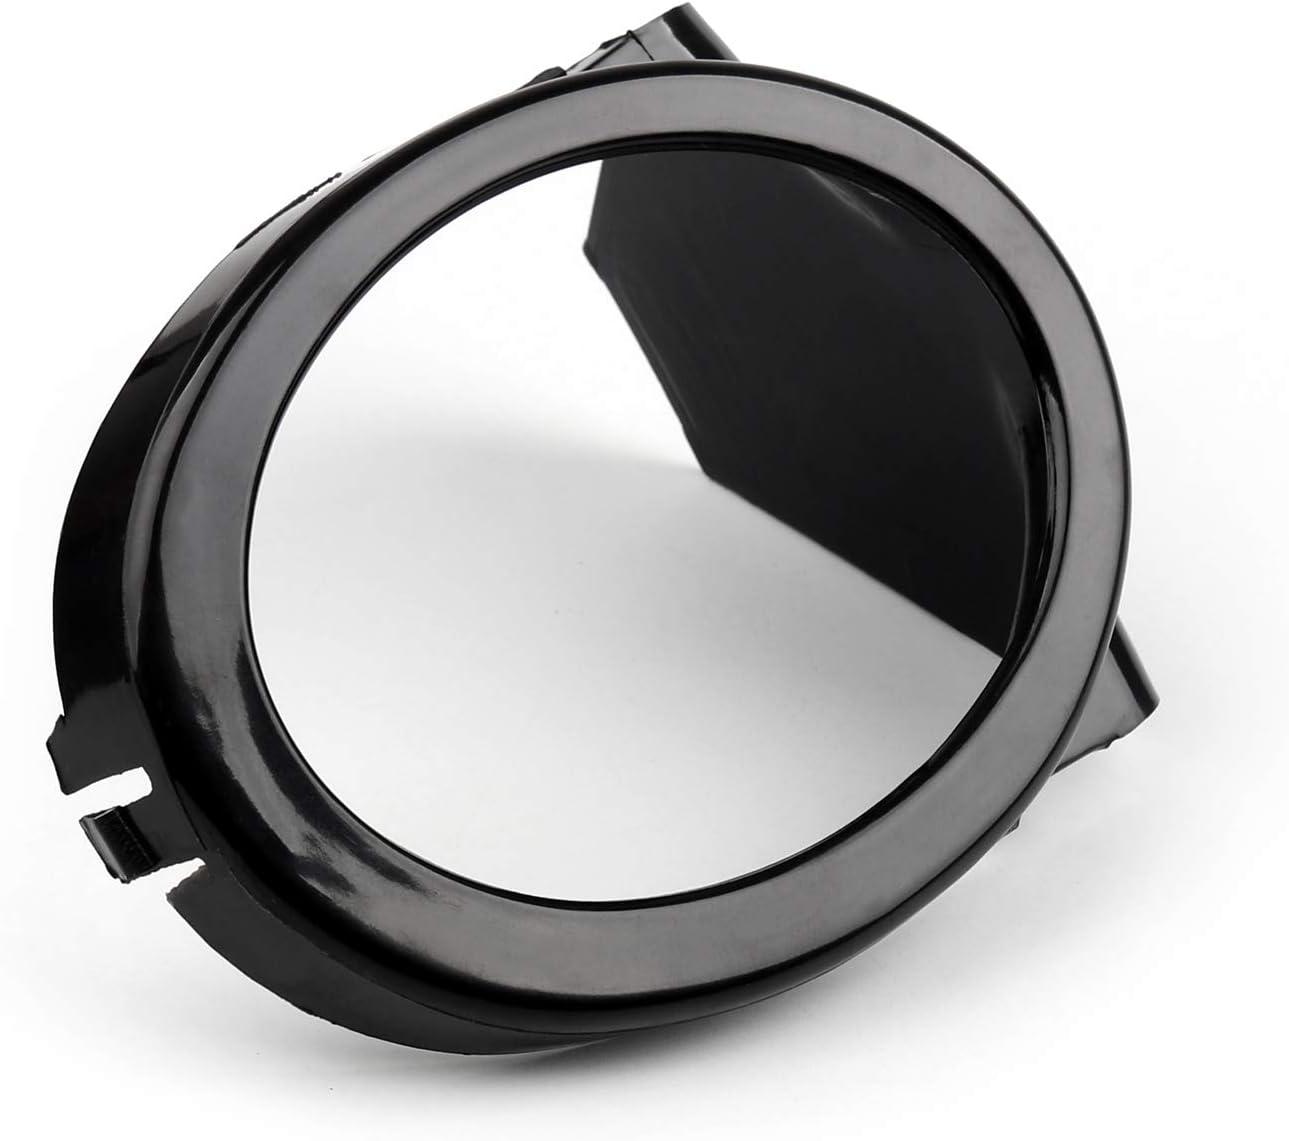 Areyourshop Nebelscheinwerfer-Ring-Abdeckung links und rechts f/ür B-M-W M3 E46 2000-2006 2003